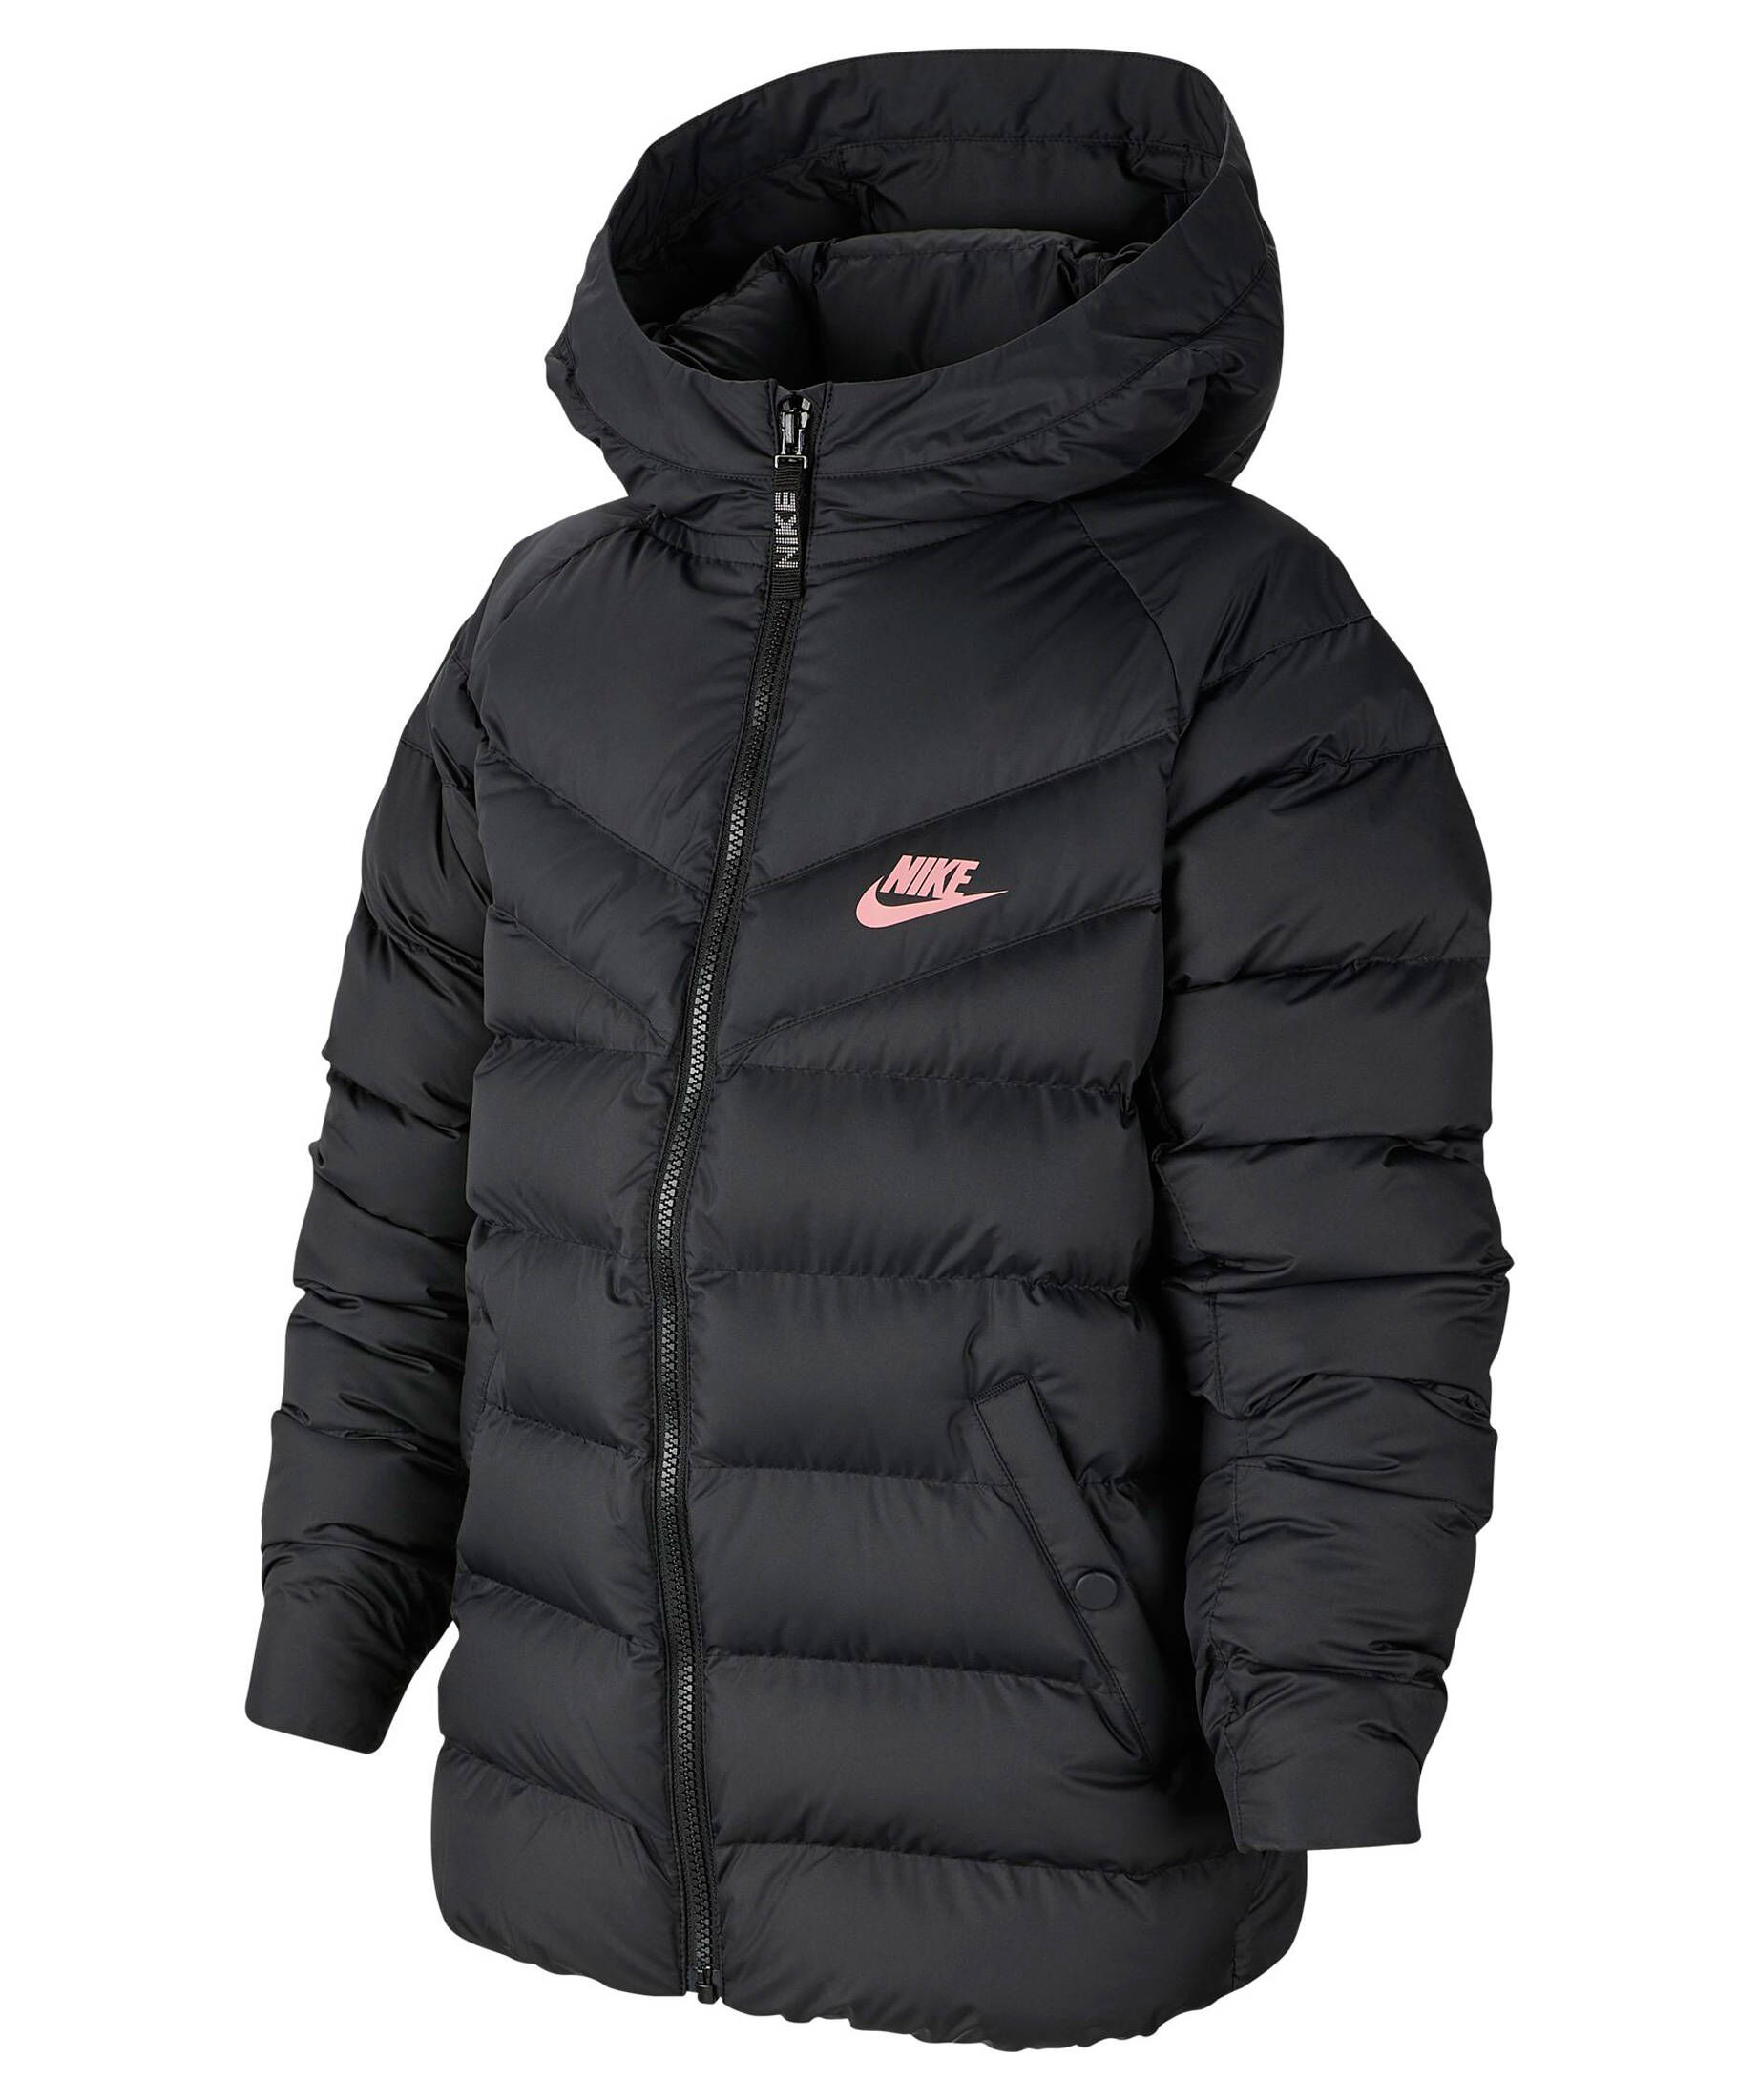 Nike Sportswear engelhorn sports